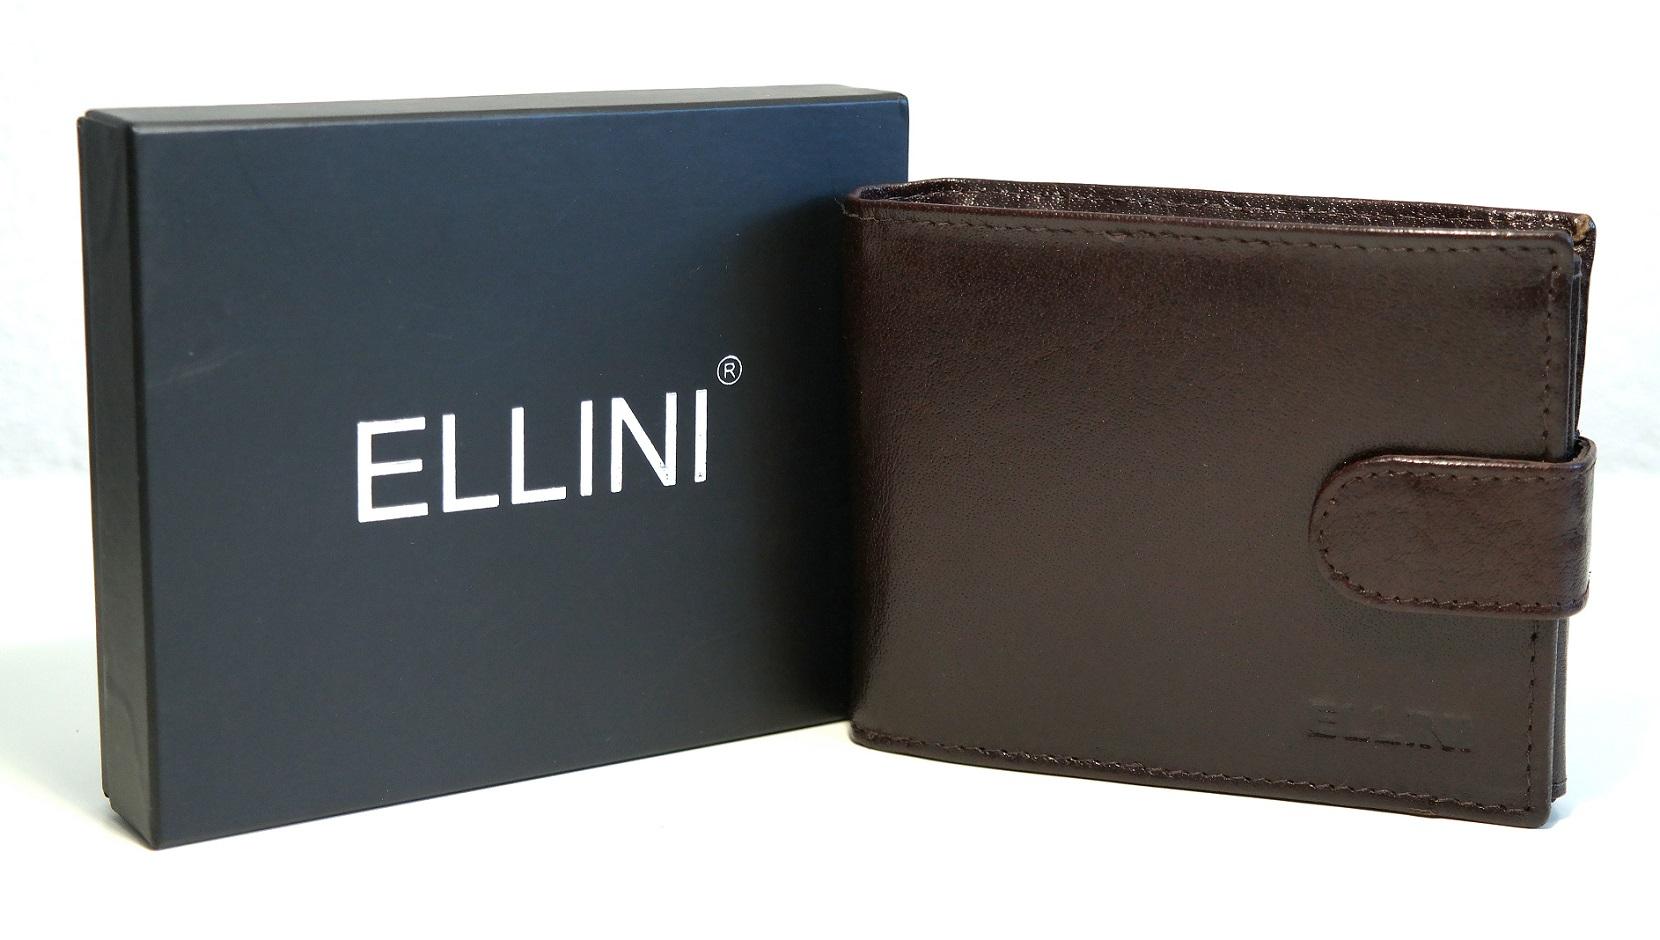 Pánská kožená peněženka ELLINI tmavěhnědá s upínkou